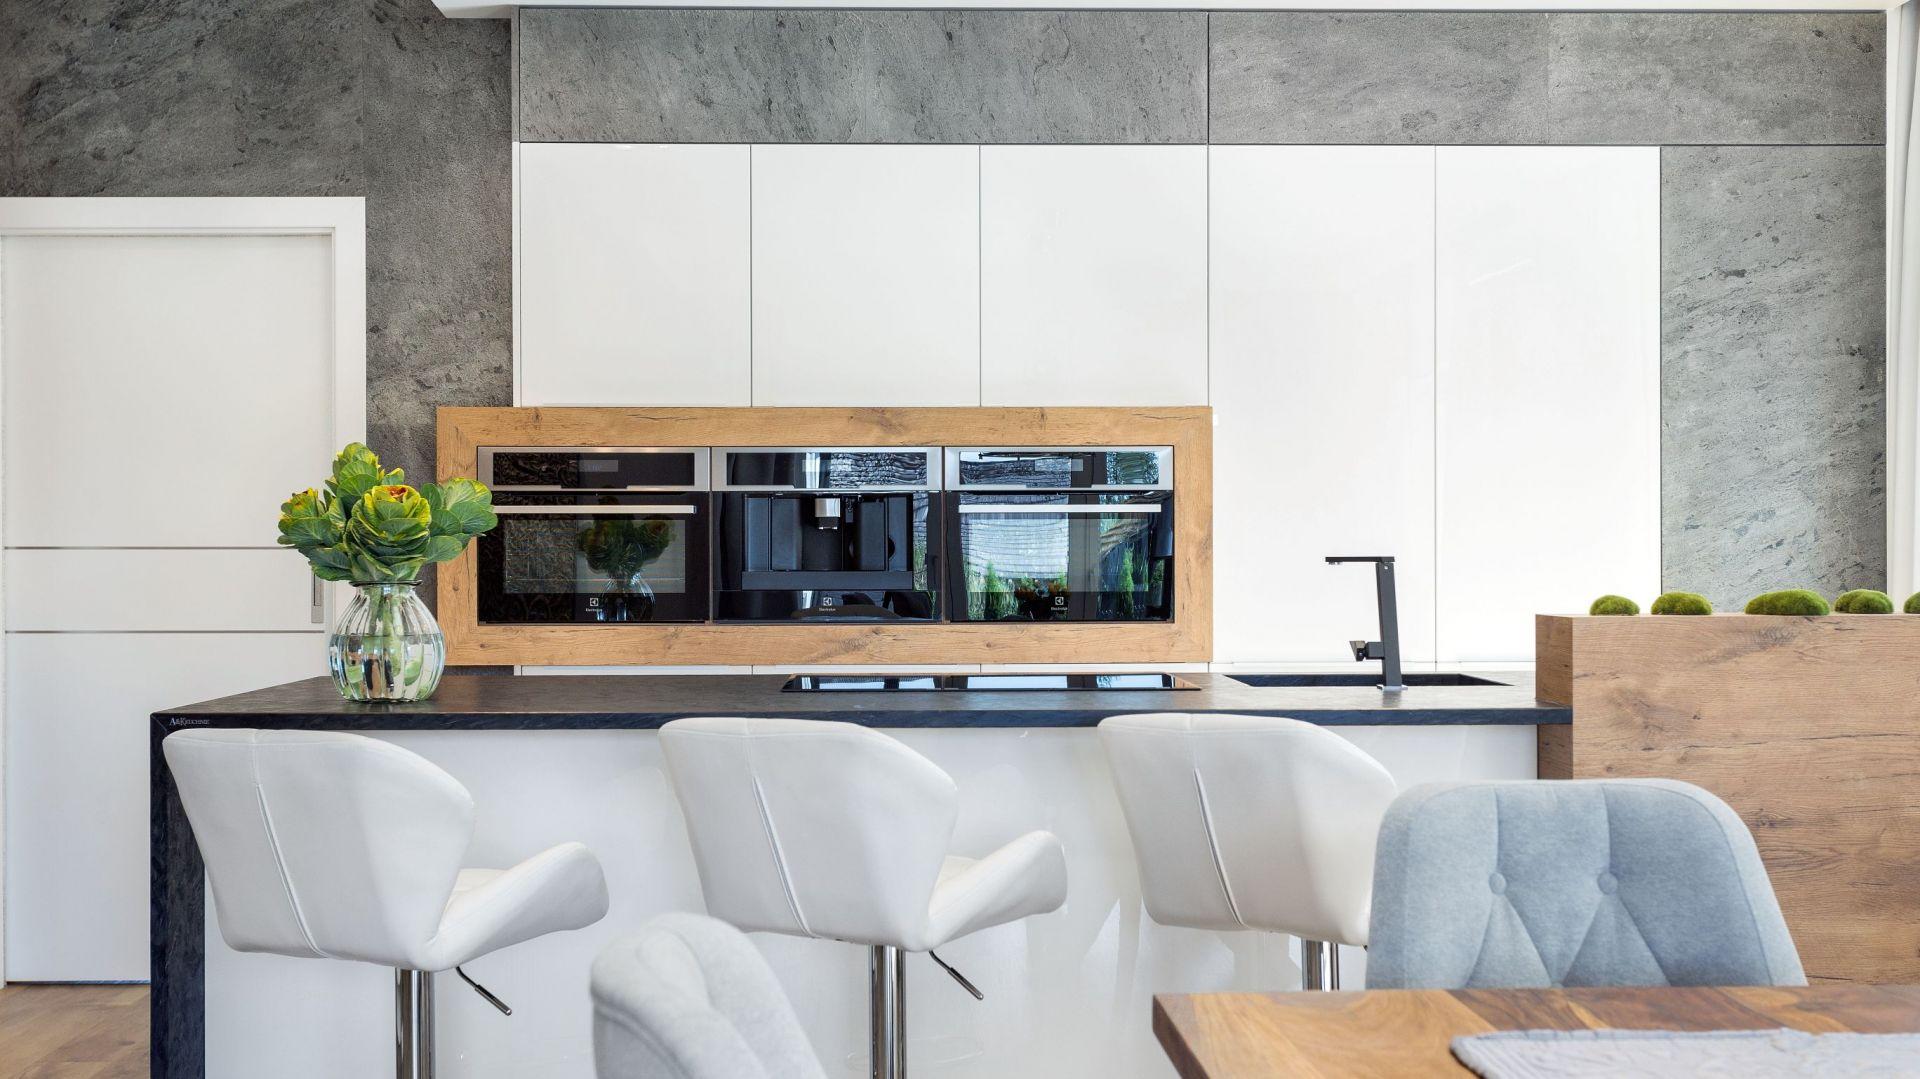 Kuchnia dla rodziny. Projekt A&K Kuchnie.